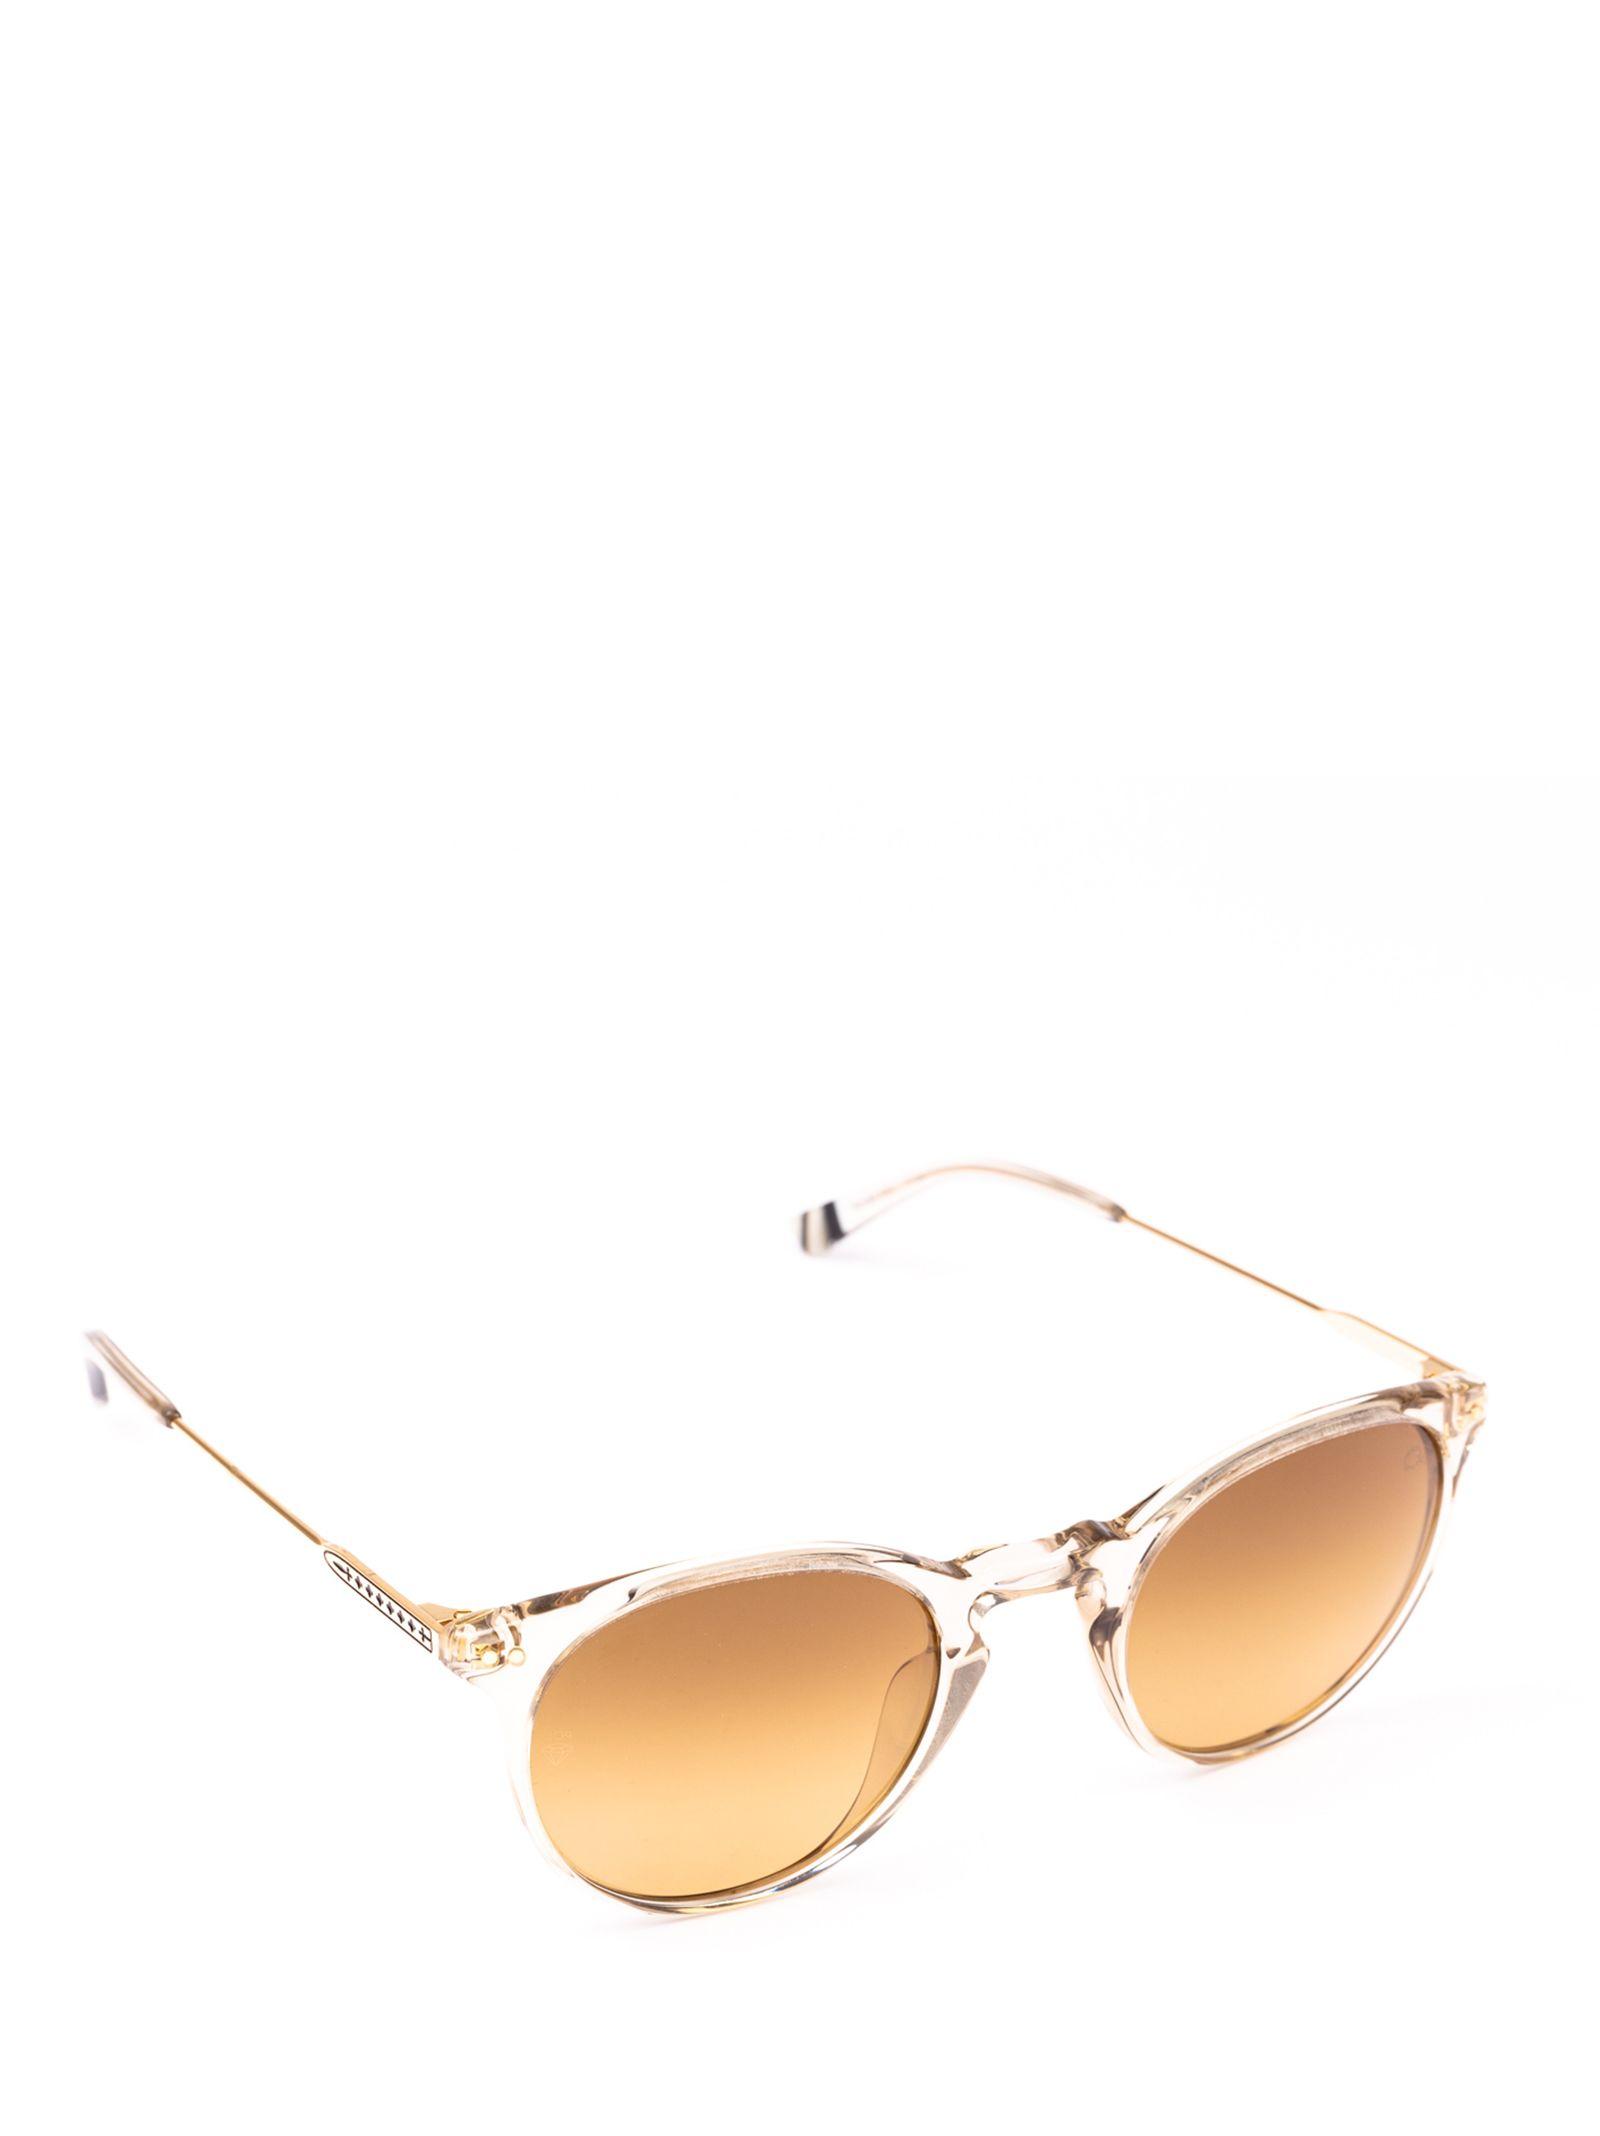 ETNIA BARCELONA Sunglasses in Brgd